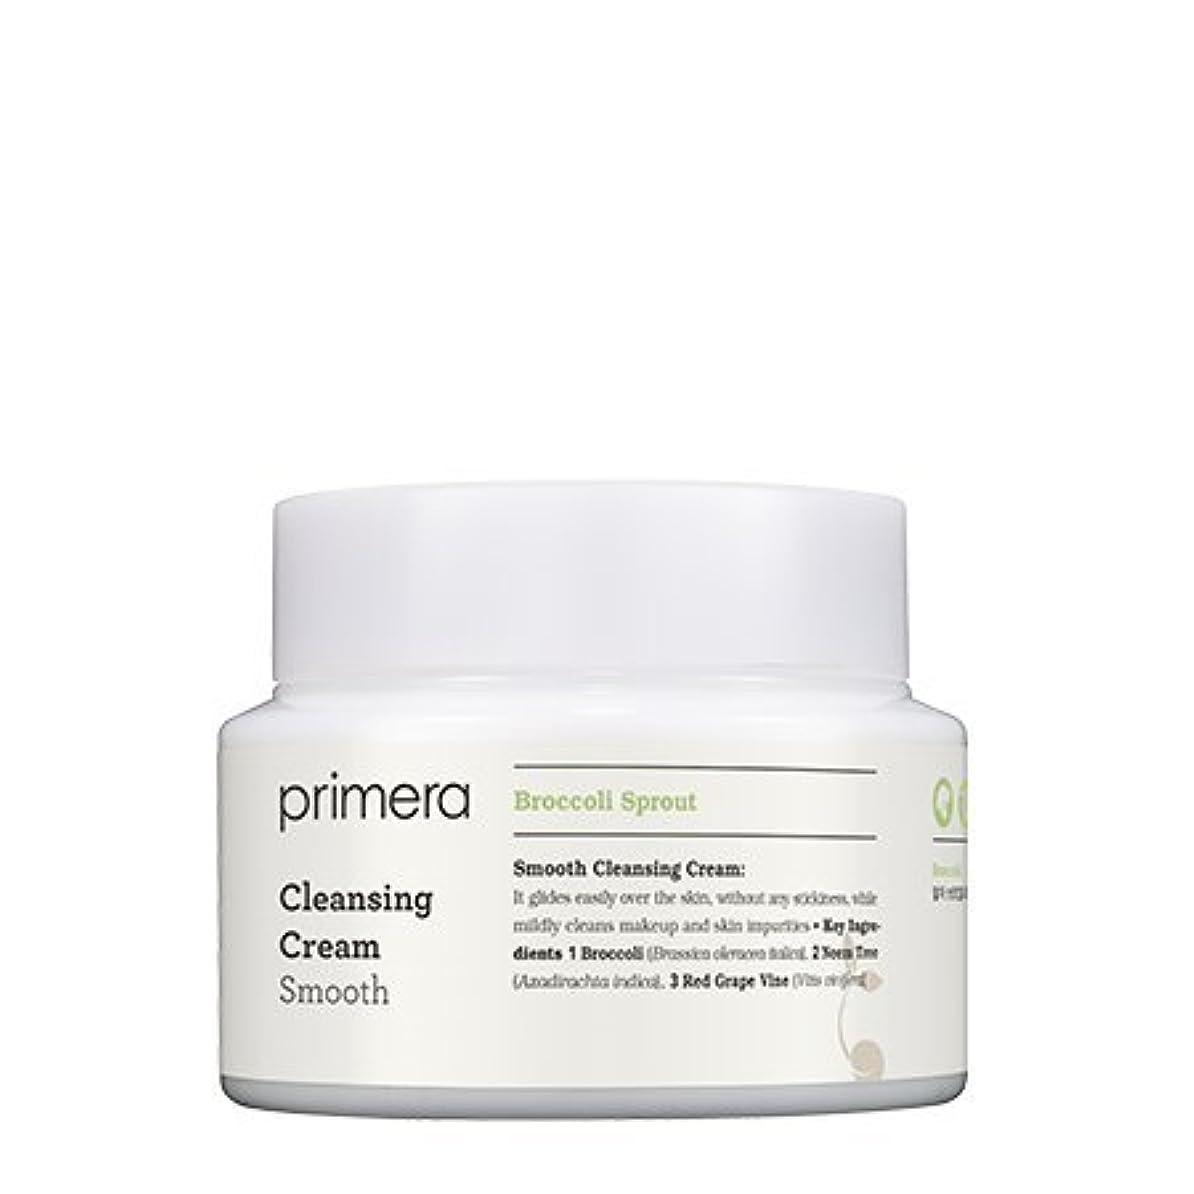 生四分円スペア【Primera】Smooth Cleansing Cream - 250g (韓国直送品) (SHOPPINGINSTAGRAM)